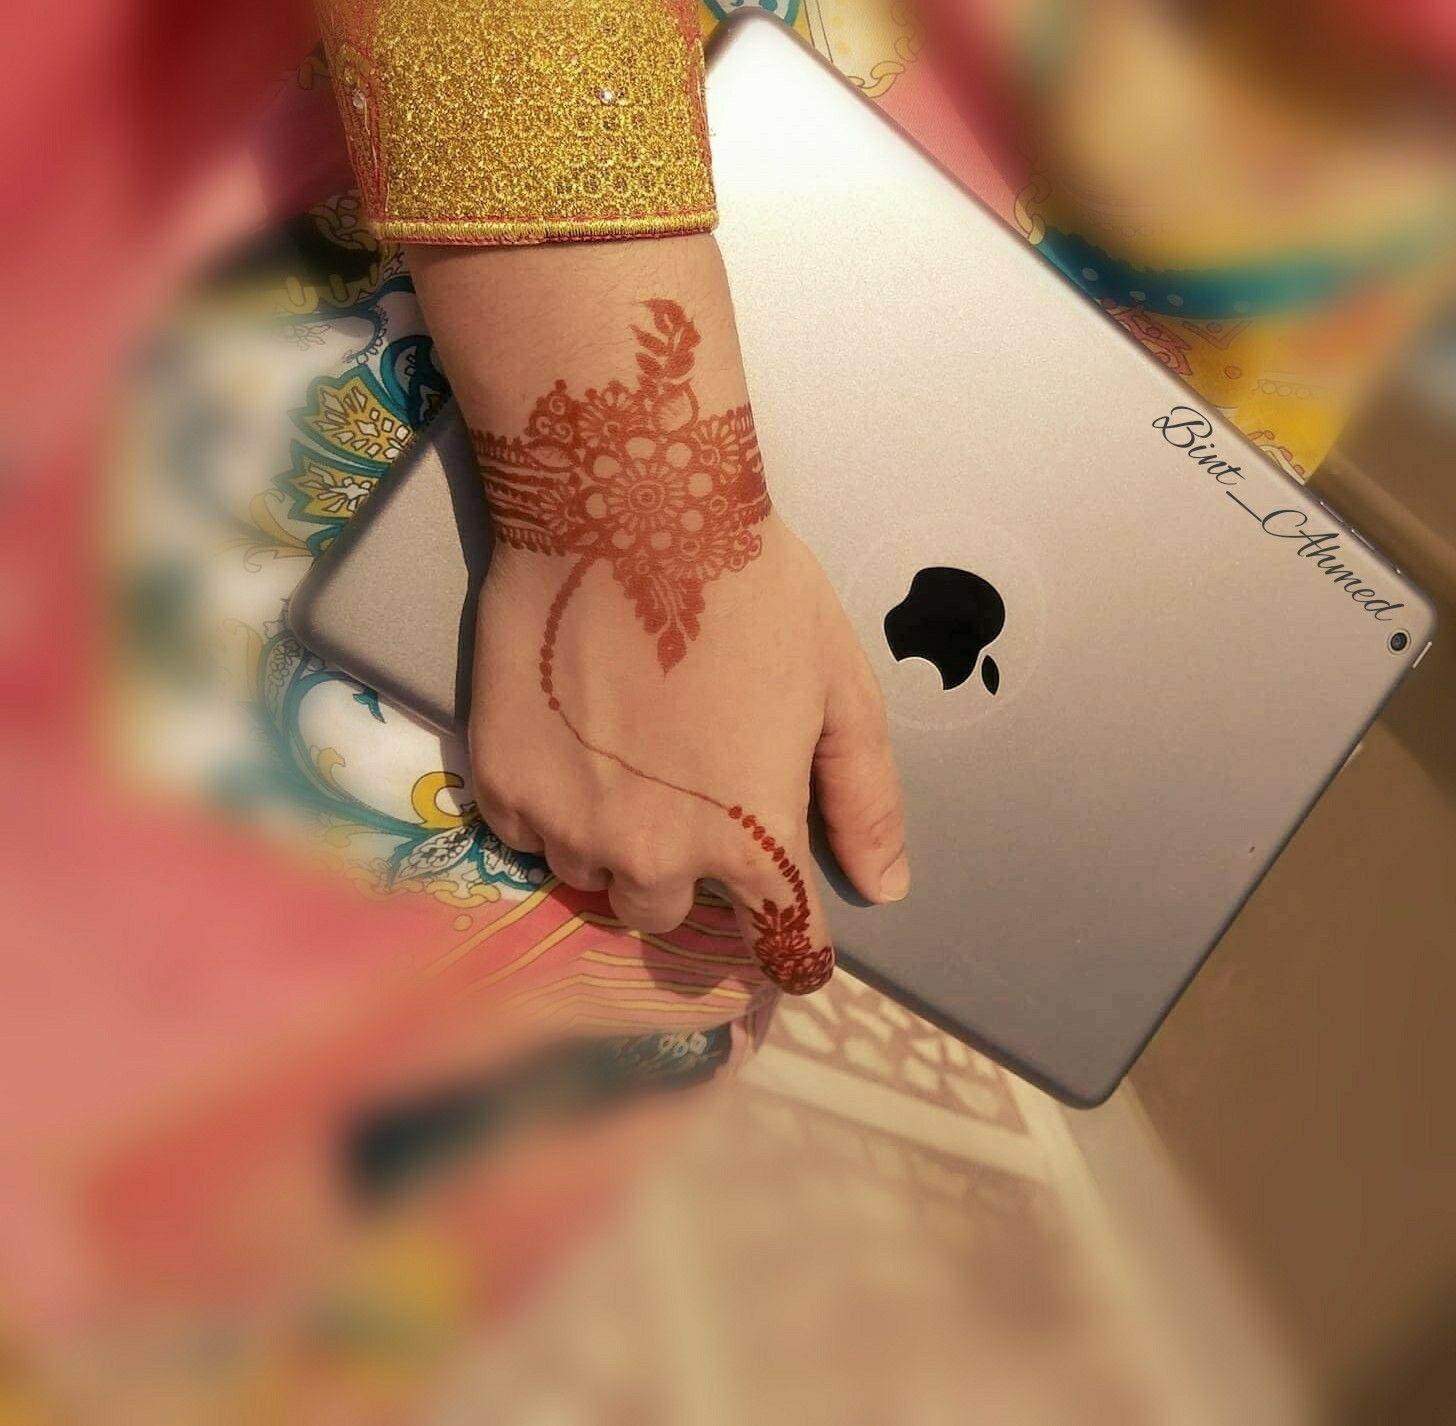 Pin by بنت أحمد on henna pinterest hennas